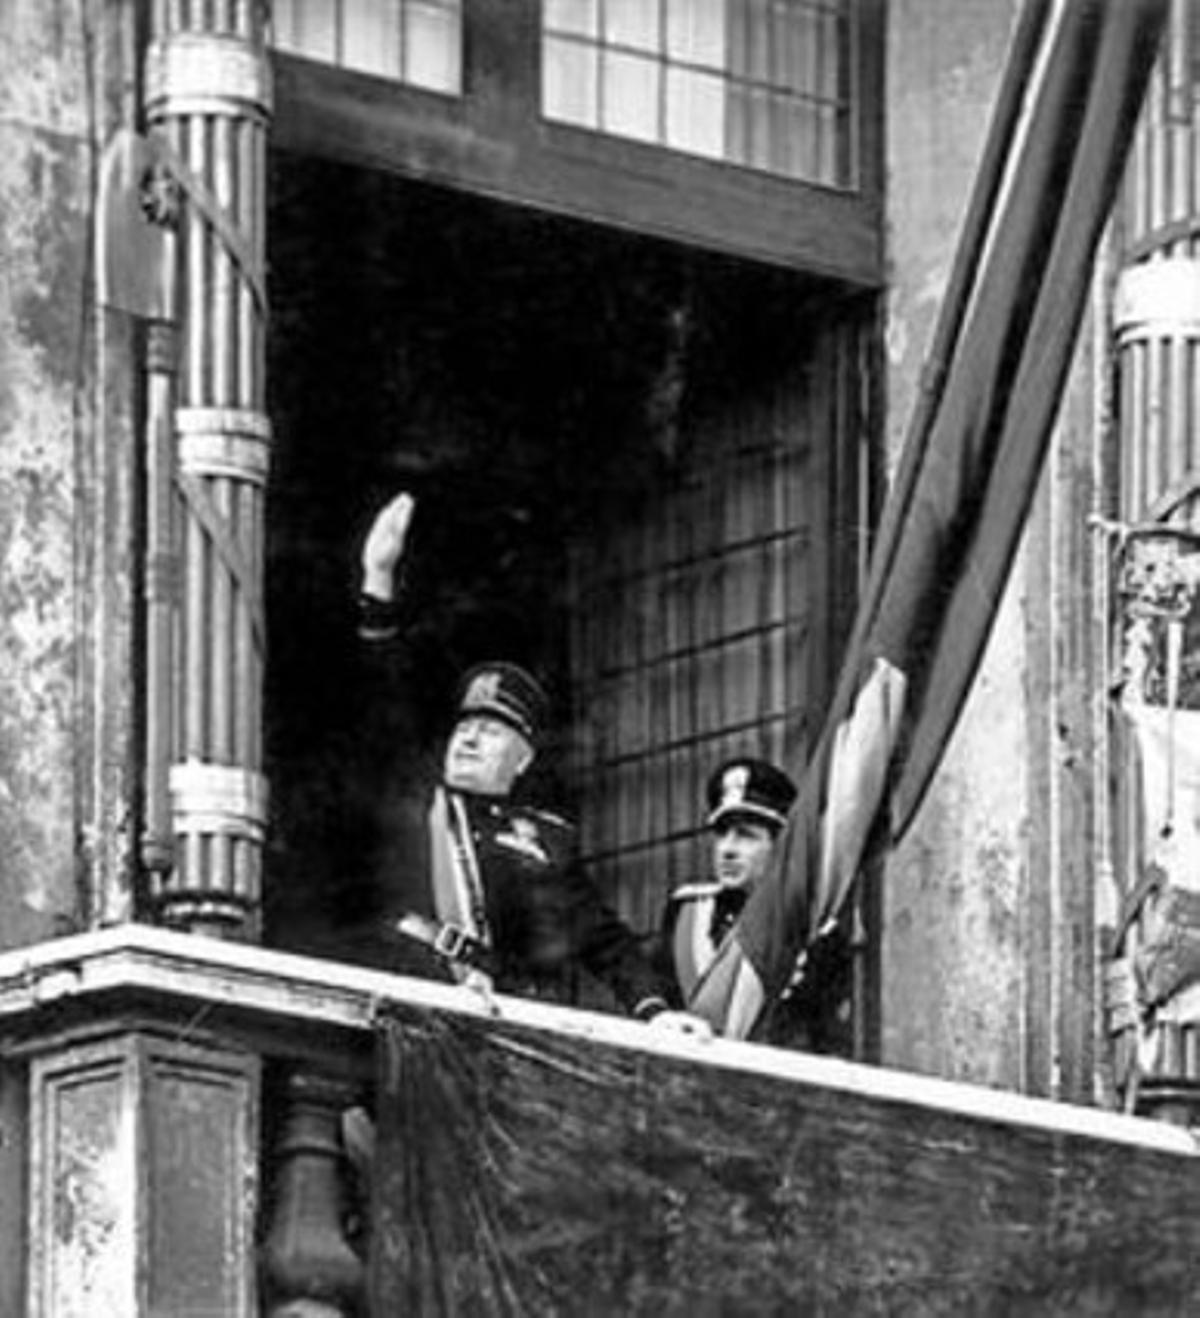 Mussolini en el balcón del palacio Venecia, tras la marcha sobre Roma.